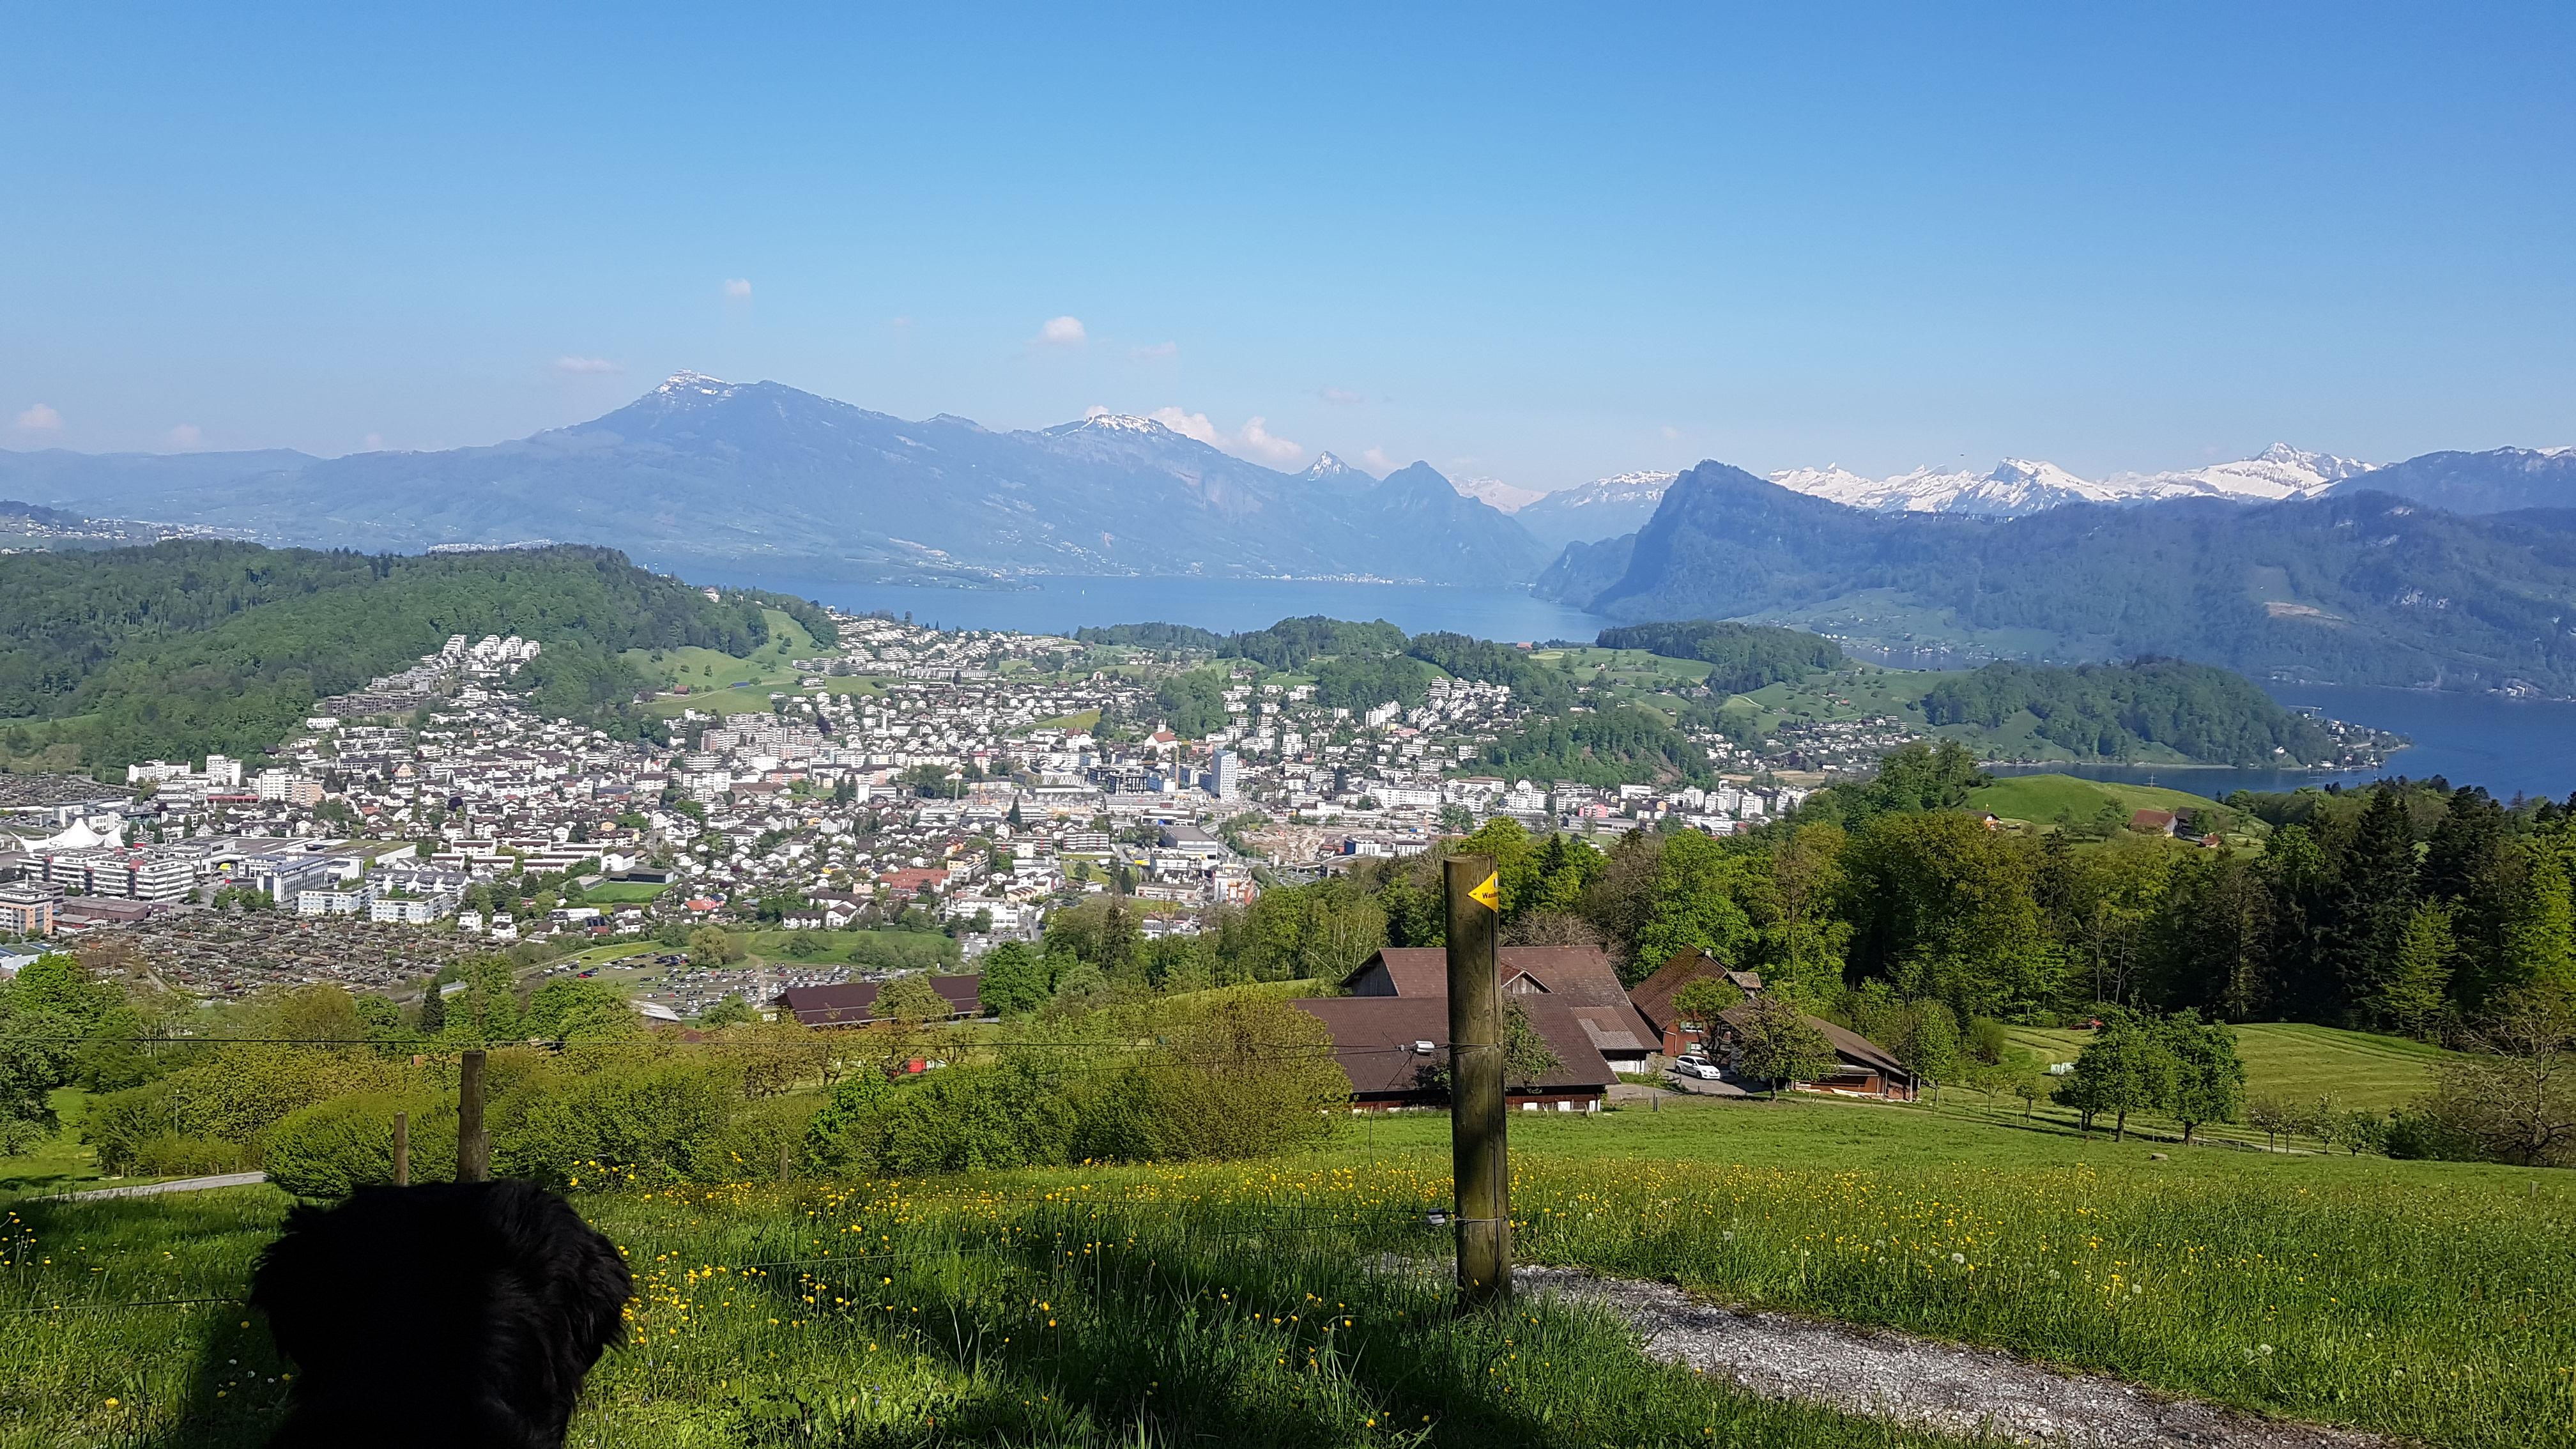 Mit Blick auf den Vierwaldstättersee: Laut eigenen Aussagen ist Rolf Jans auf der schönsten Zustelltour der Schweiz unterwegs. | Bilder: Schweizerische Post